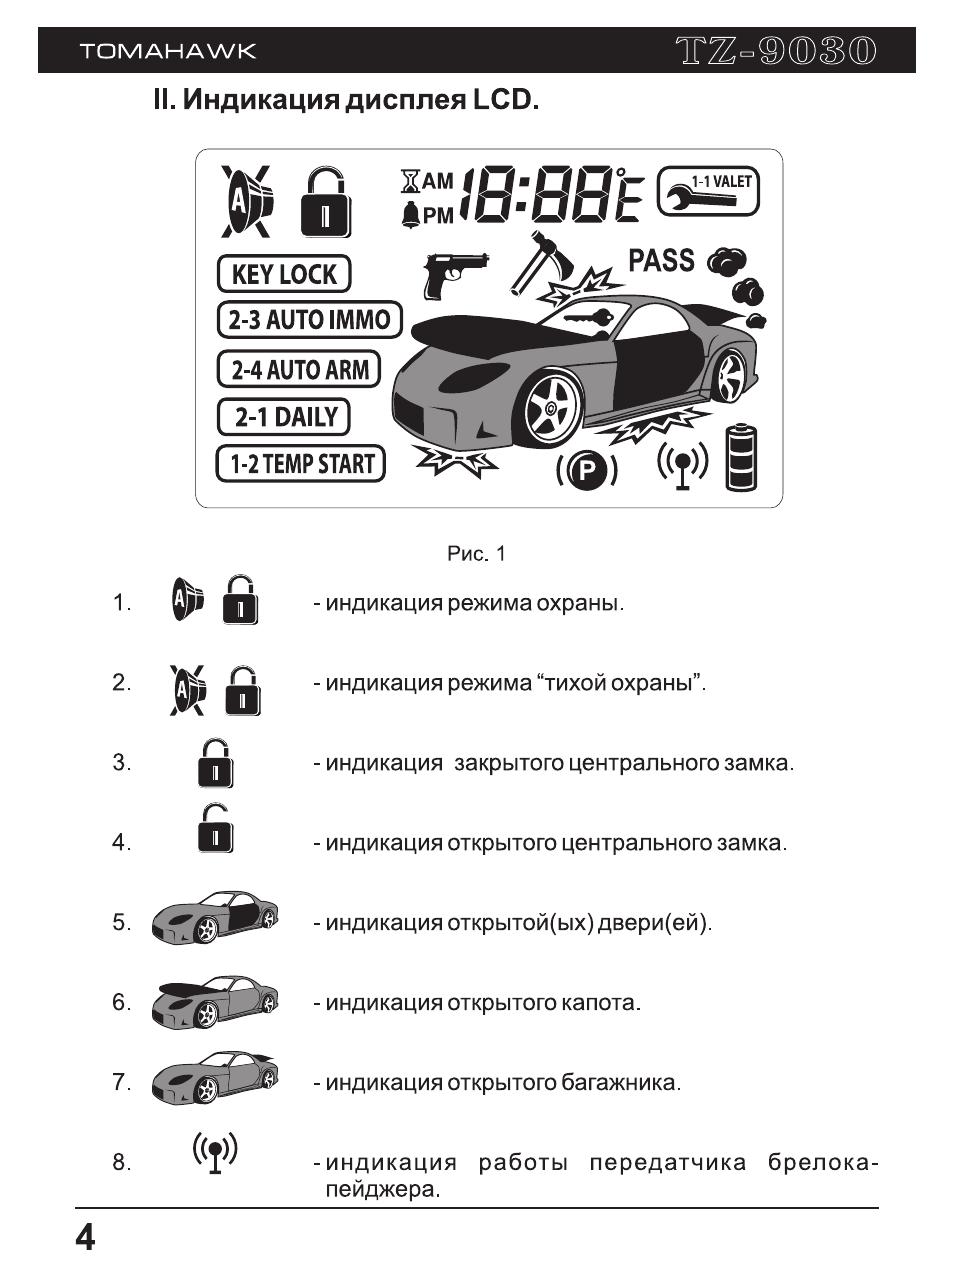 Ii. индикация дисплея ьсо, Keylock, 3 auto immo)